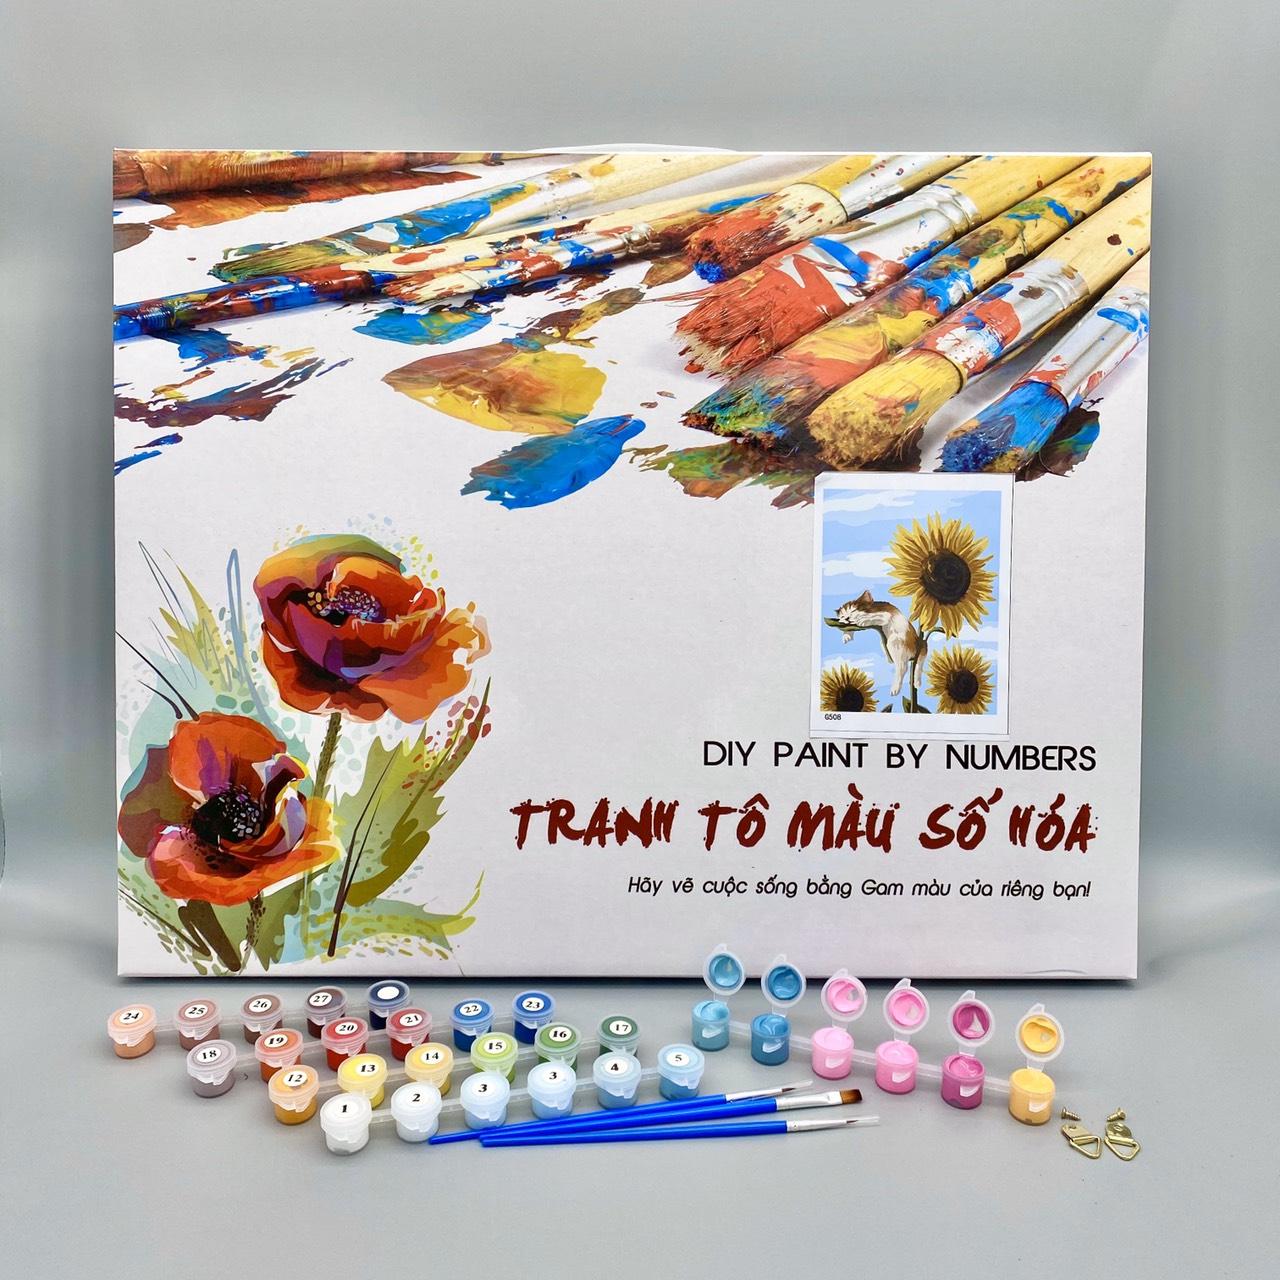 Tranh tô màu theo số sơn dầu số hóa TN0816 Tranh Đức mẹ Maria và Chúa hài đồng Paint by numbers kit